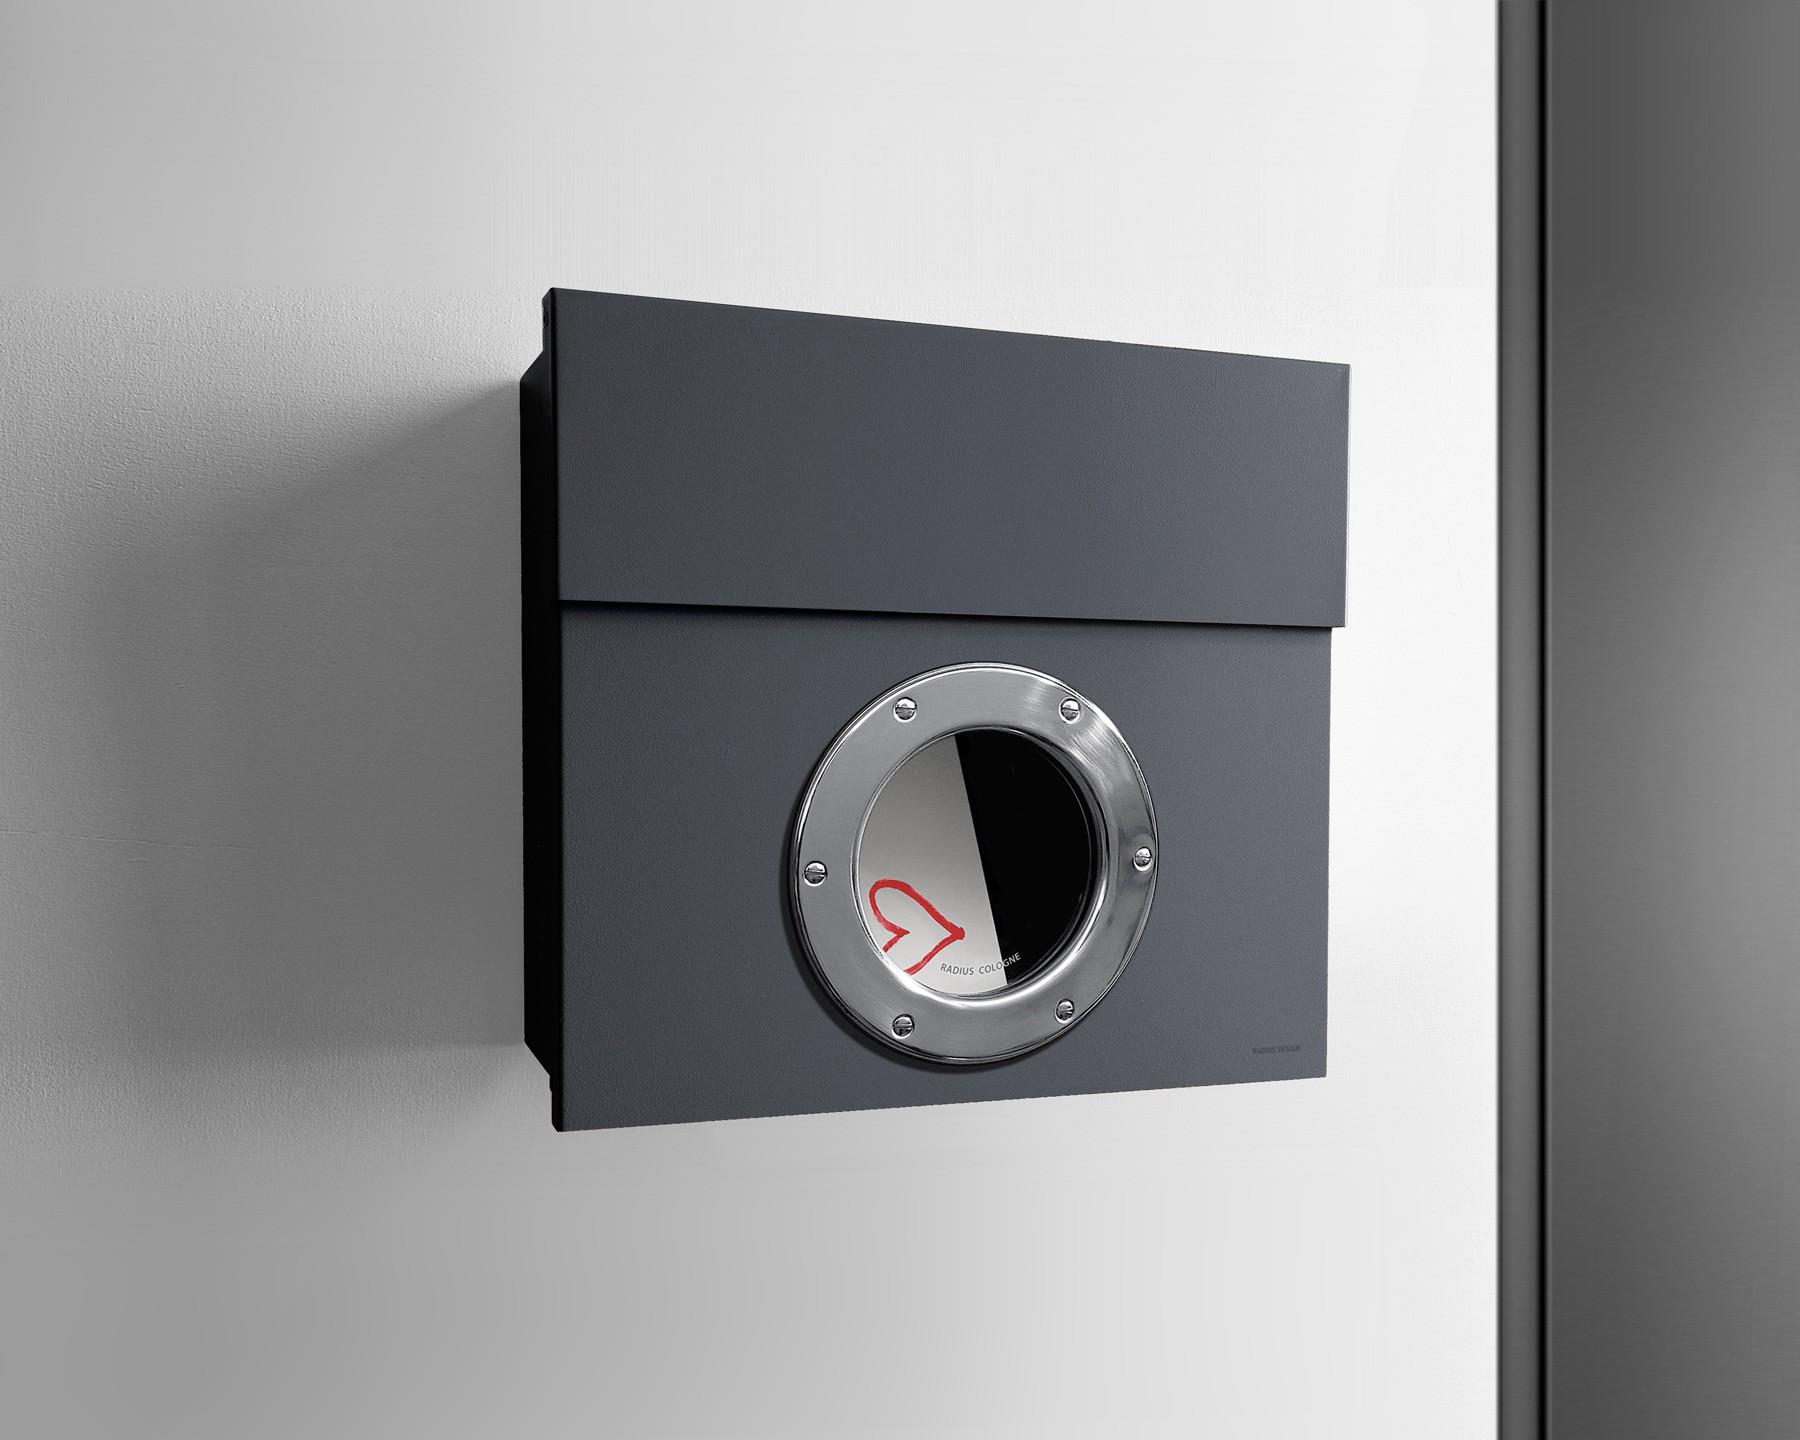 radius briefkasten letterman 1 anthrazitgrau ral 7016 mit bullauge eingang garten briefk sten. Black Bedroom Furniture Sets. Home Design Ideas